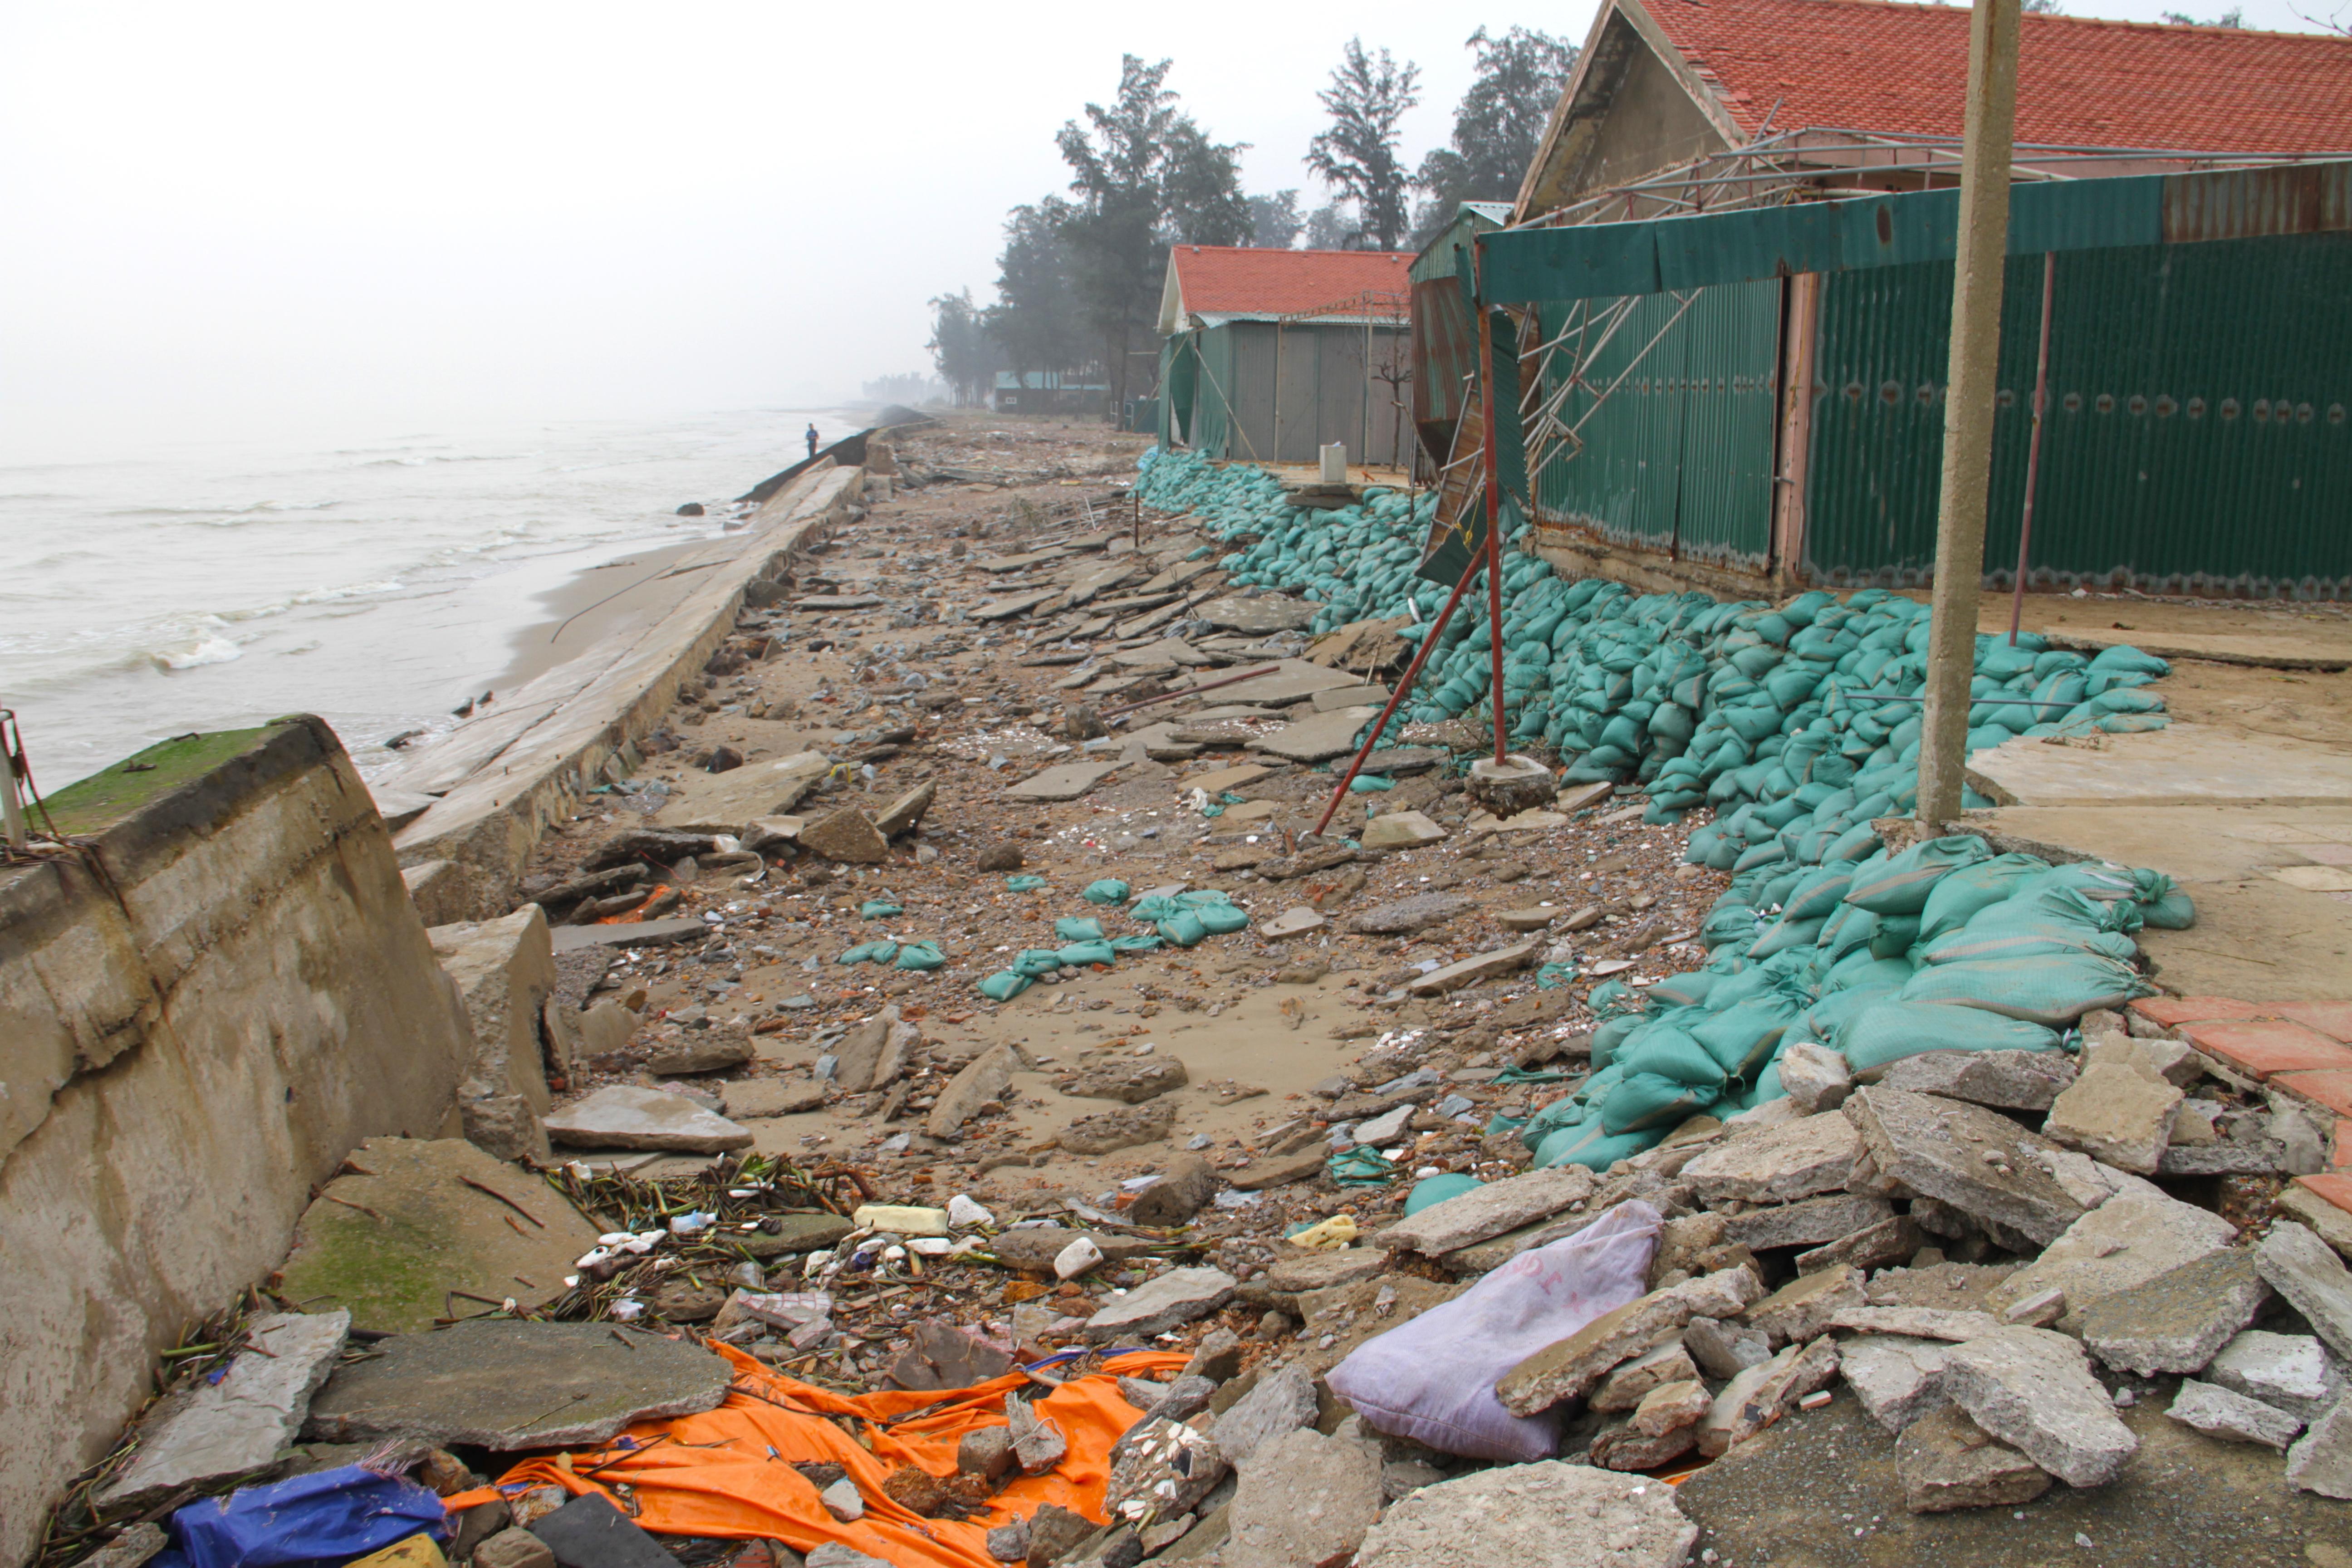 Cận cảnh gần 4km tuyến kè, đê biển Cửa Lò tan hoang sau bão lũ, hàng quán điêu đứng - Ảnh 12.